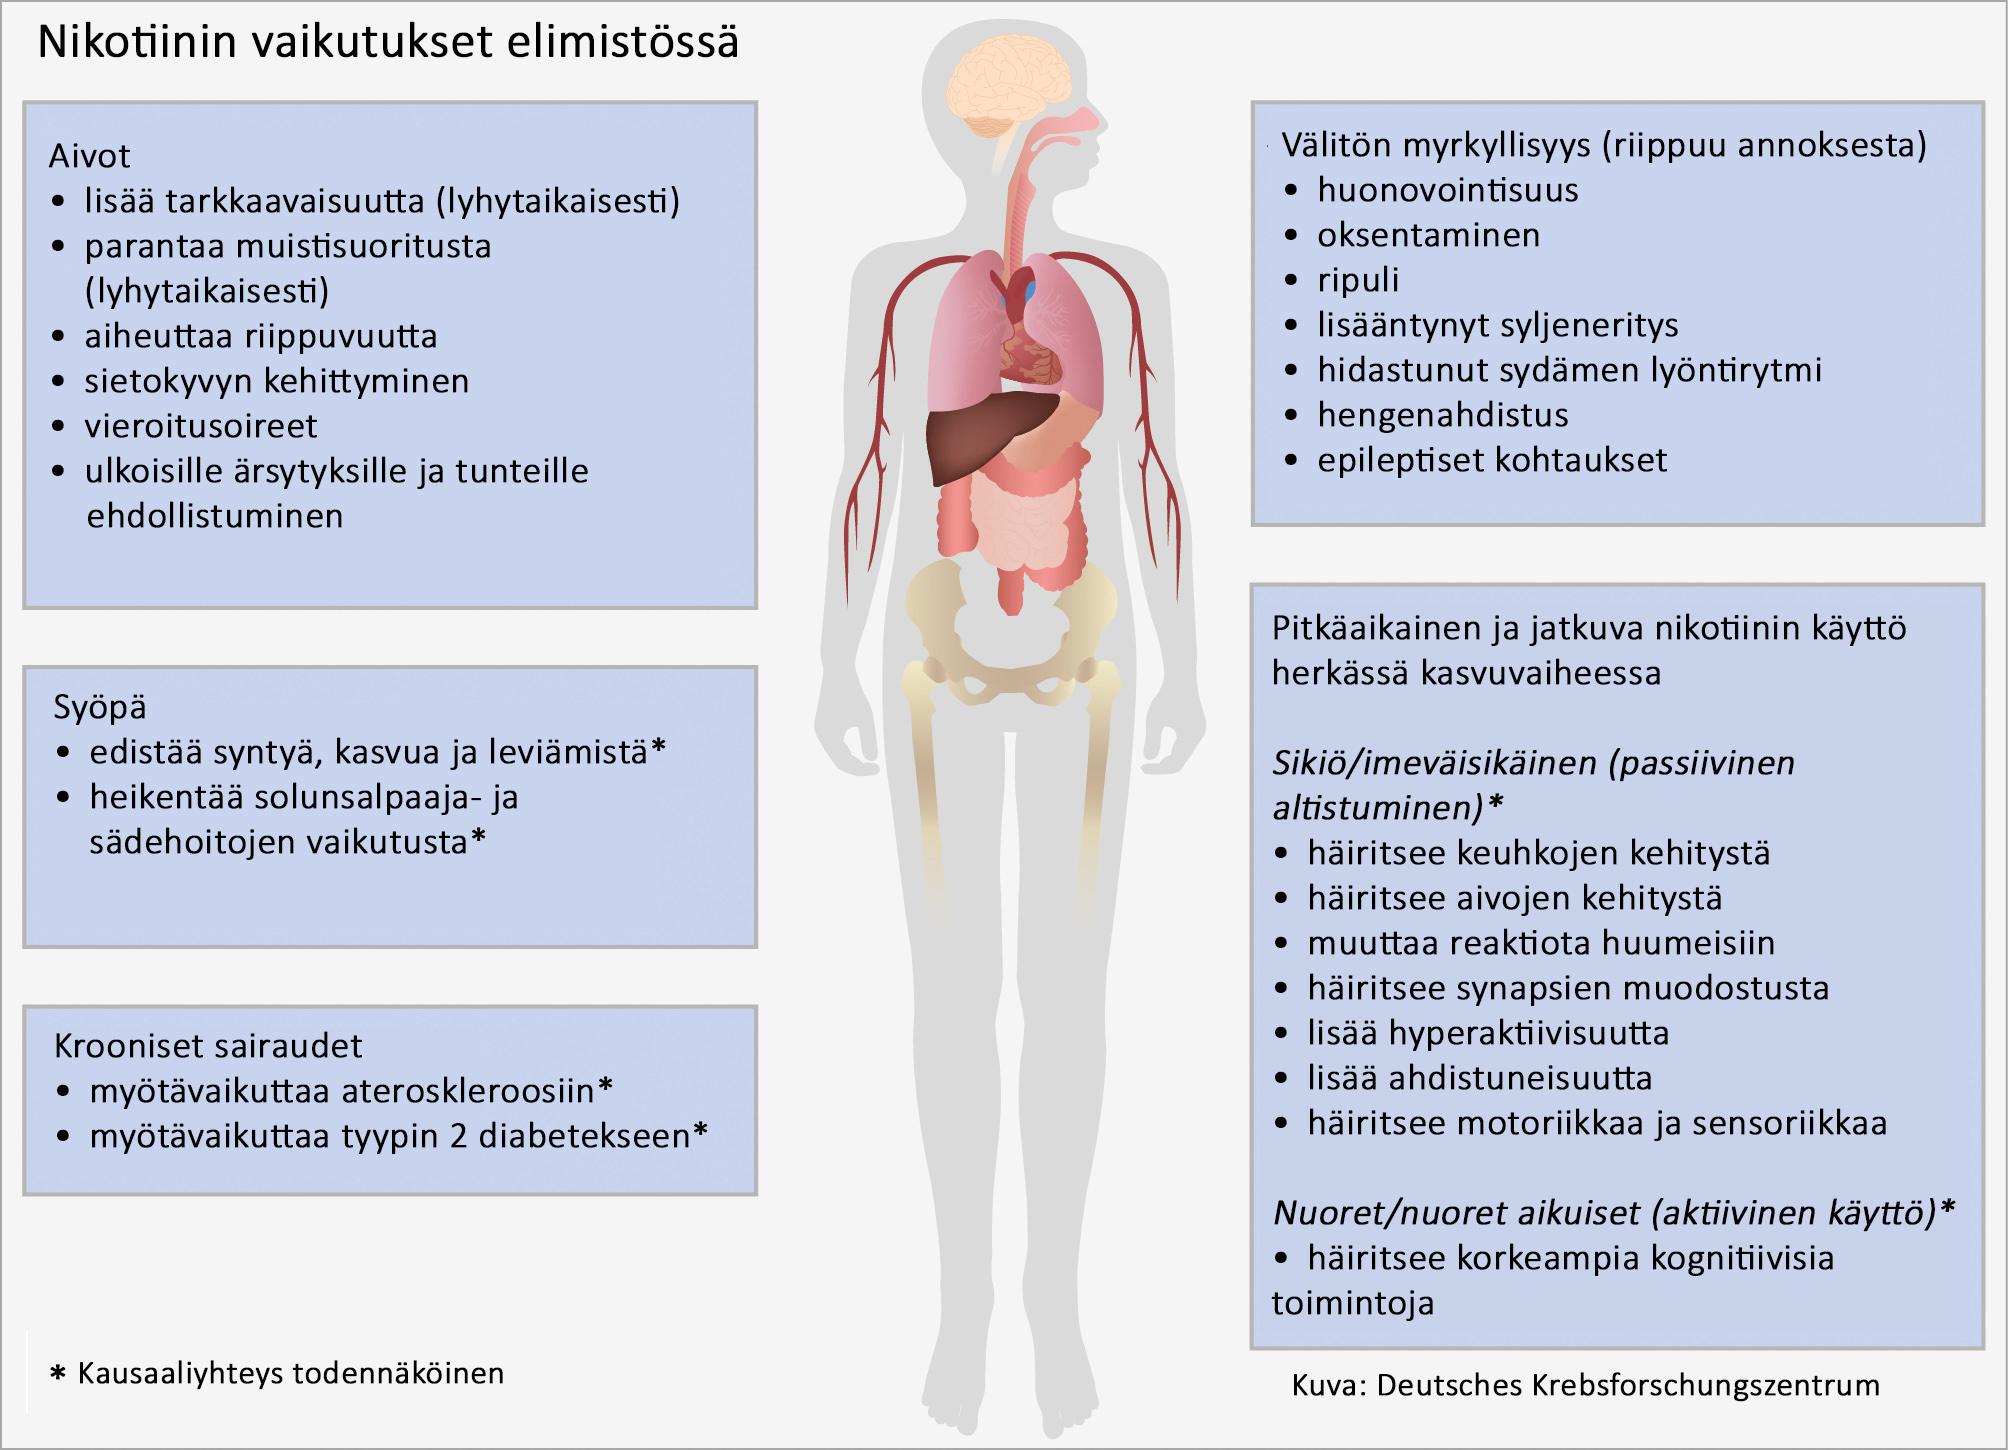 ADHD Lisää Nikotiiniriippuvuuden Riskiä - Suomen ASH Ry | Suomen ASH Ry